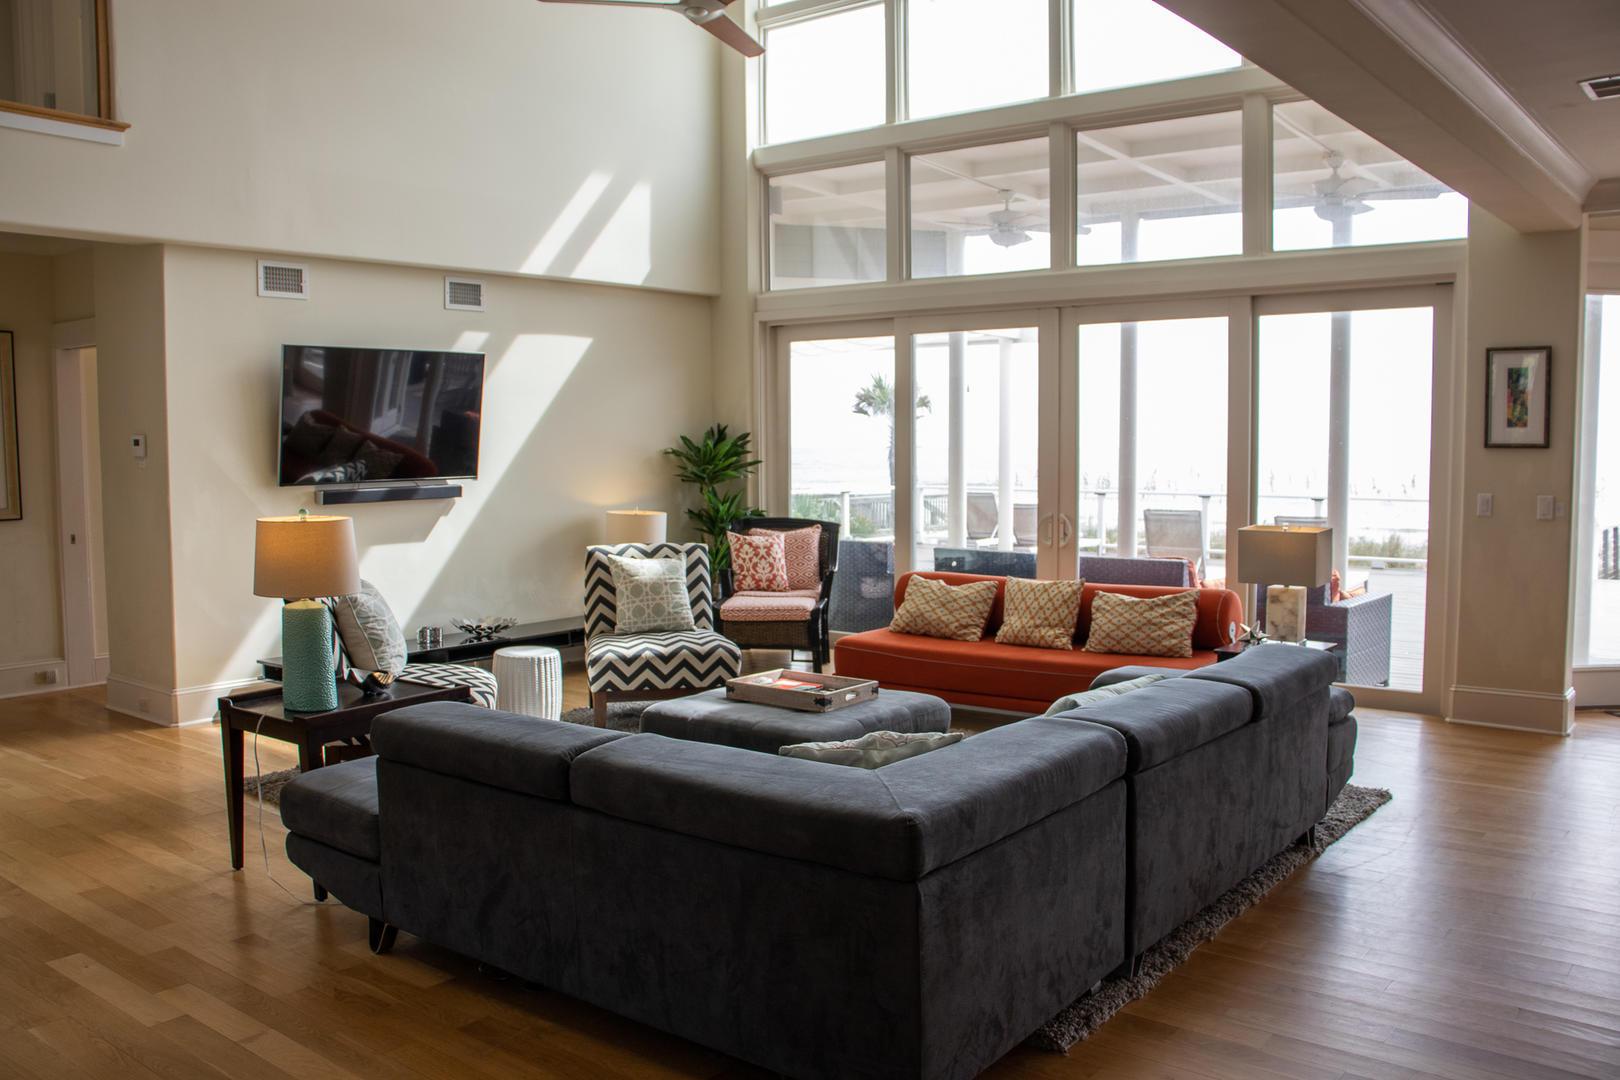 416 Tarpon Blvd living room